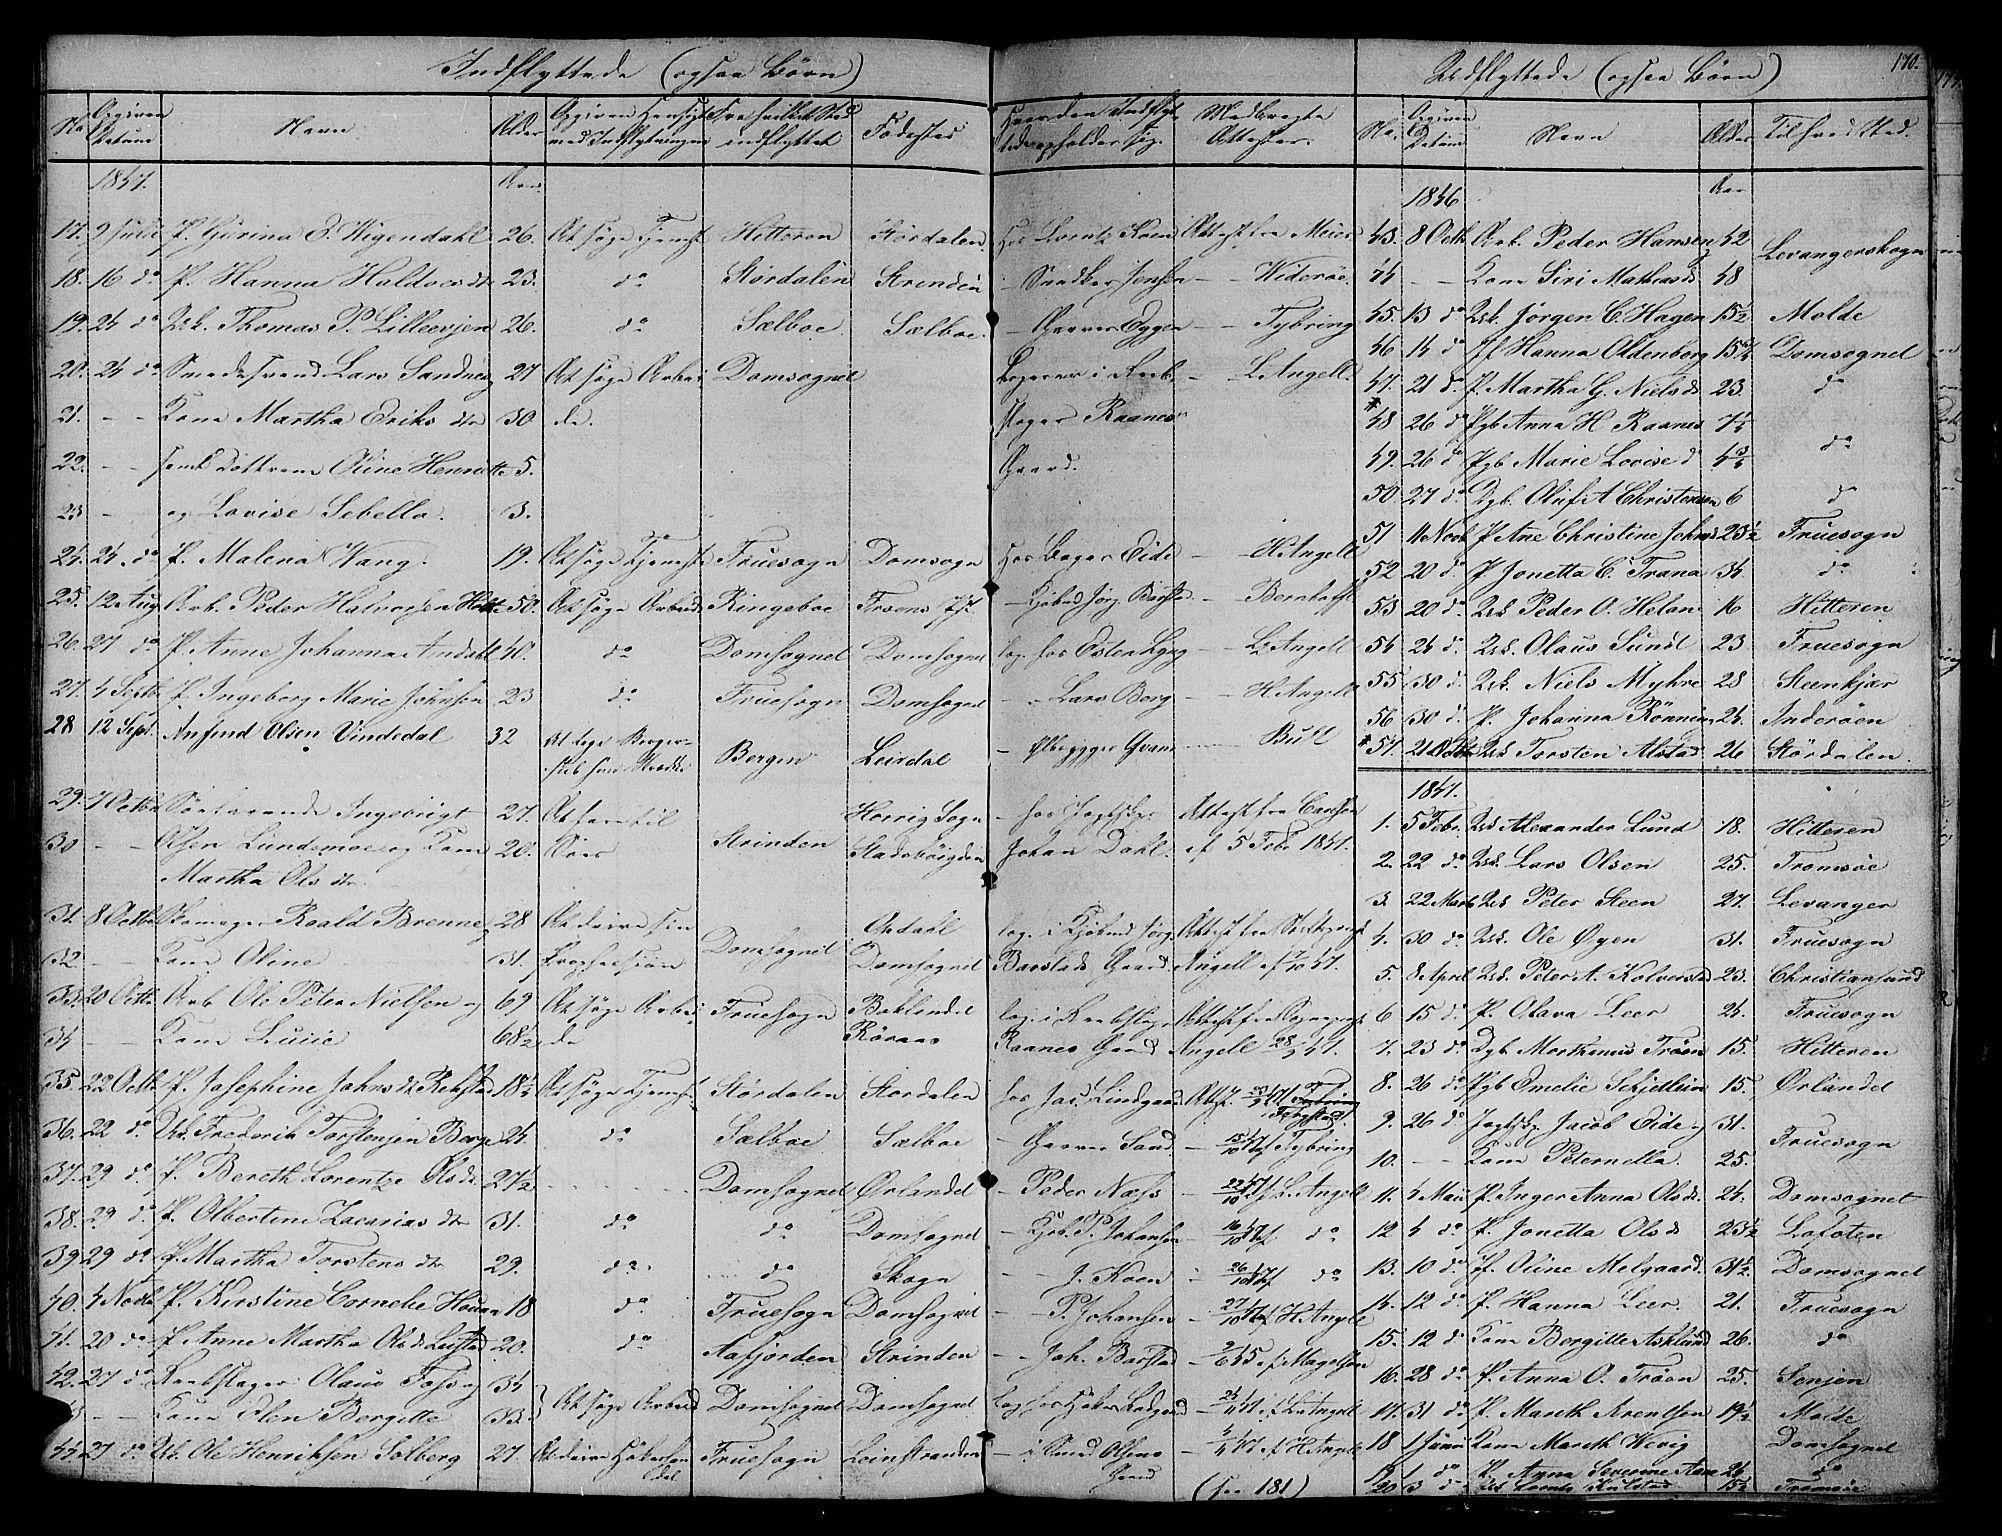 SAT, Ministerialprotokoller, klokkerbøker og fødselsregistre - Sør-Trøndelag, 604/L0182: Ministerialbok nr. 604A03, 1818-1850, s. 170